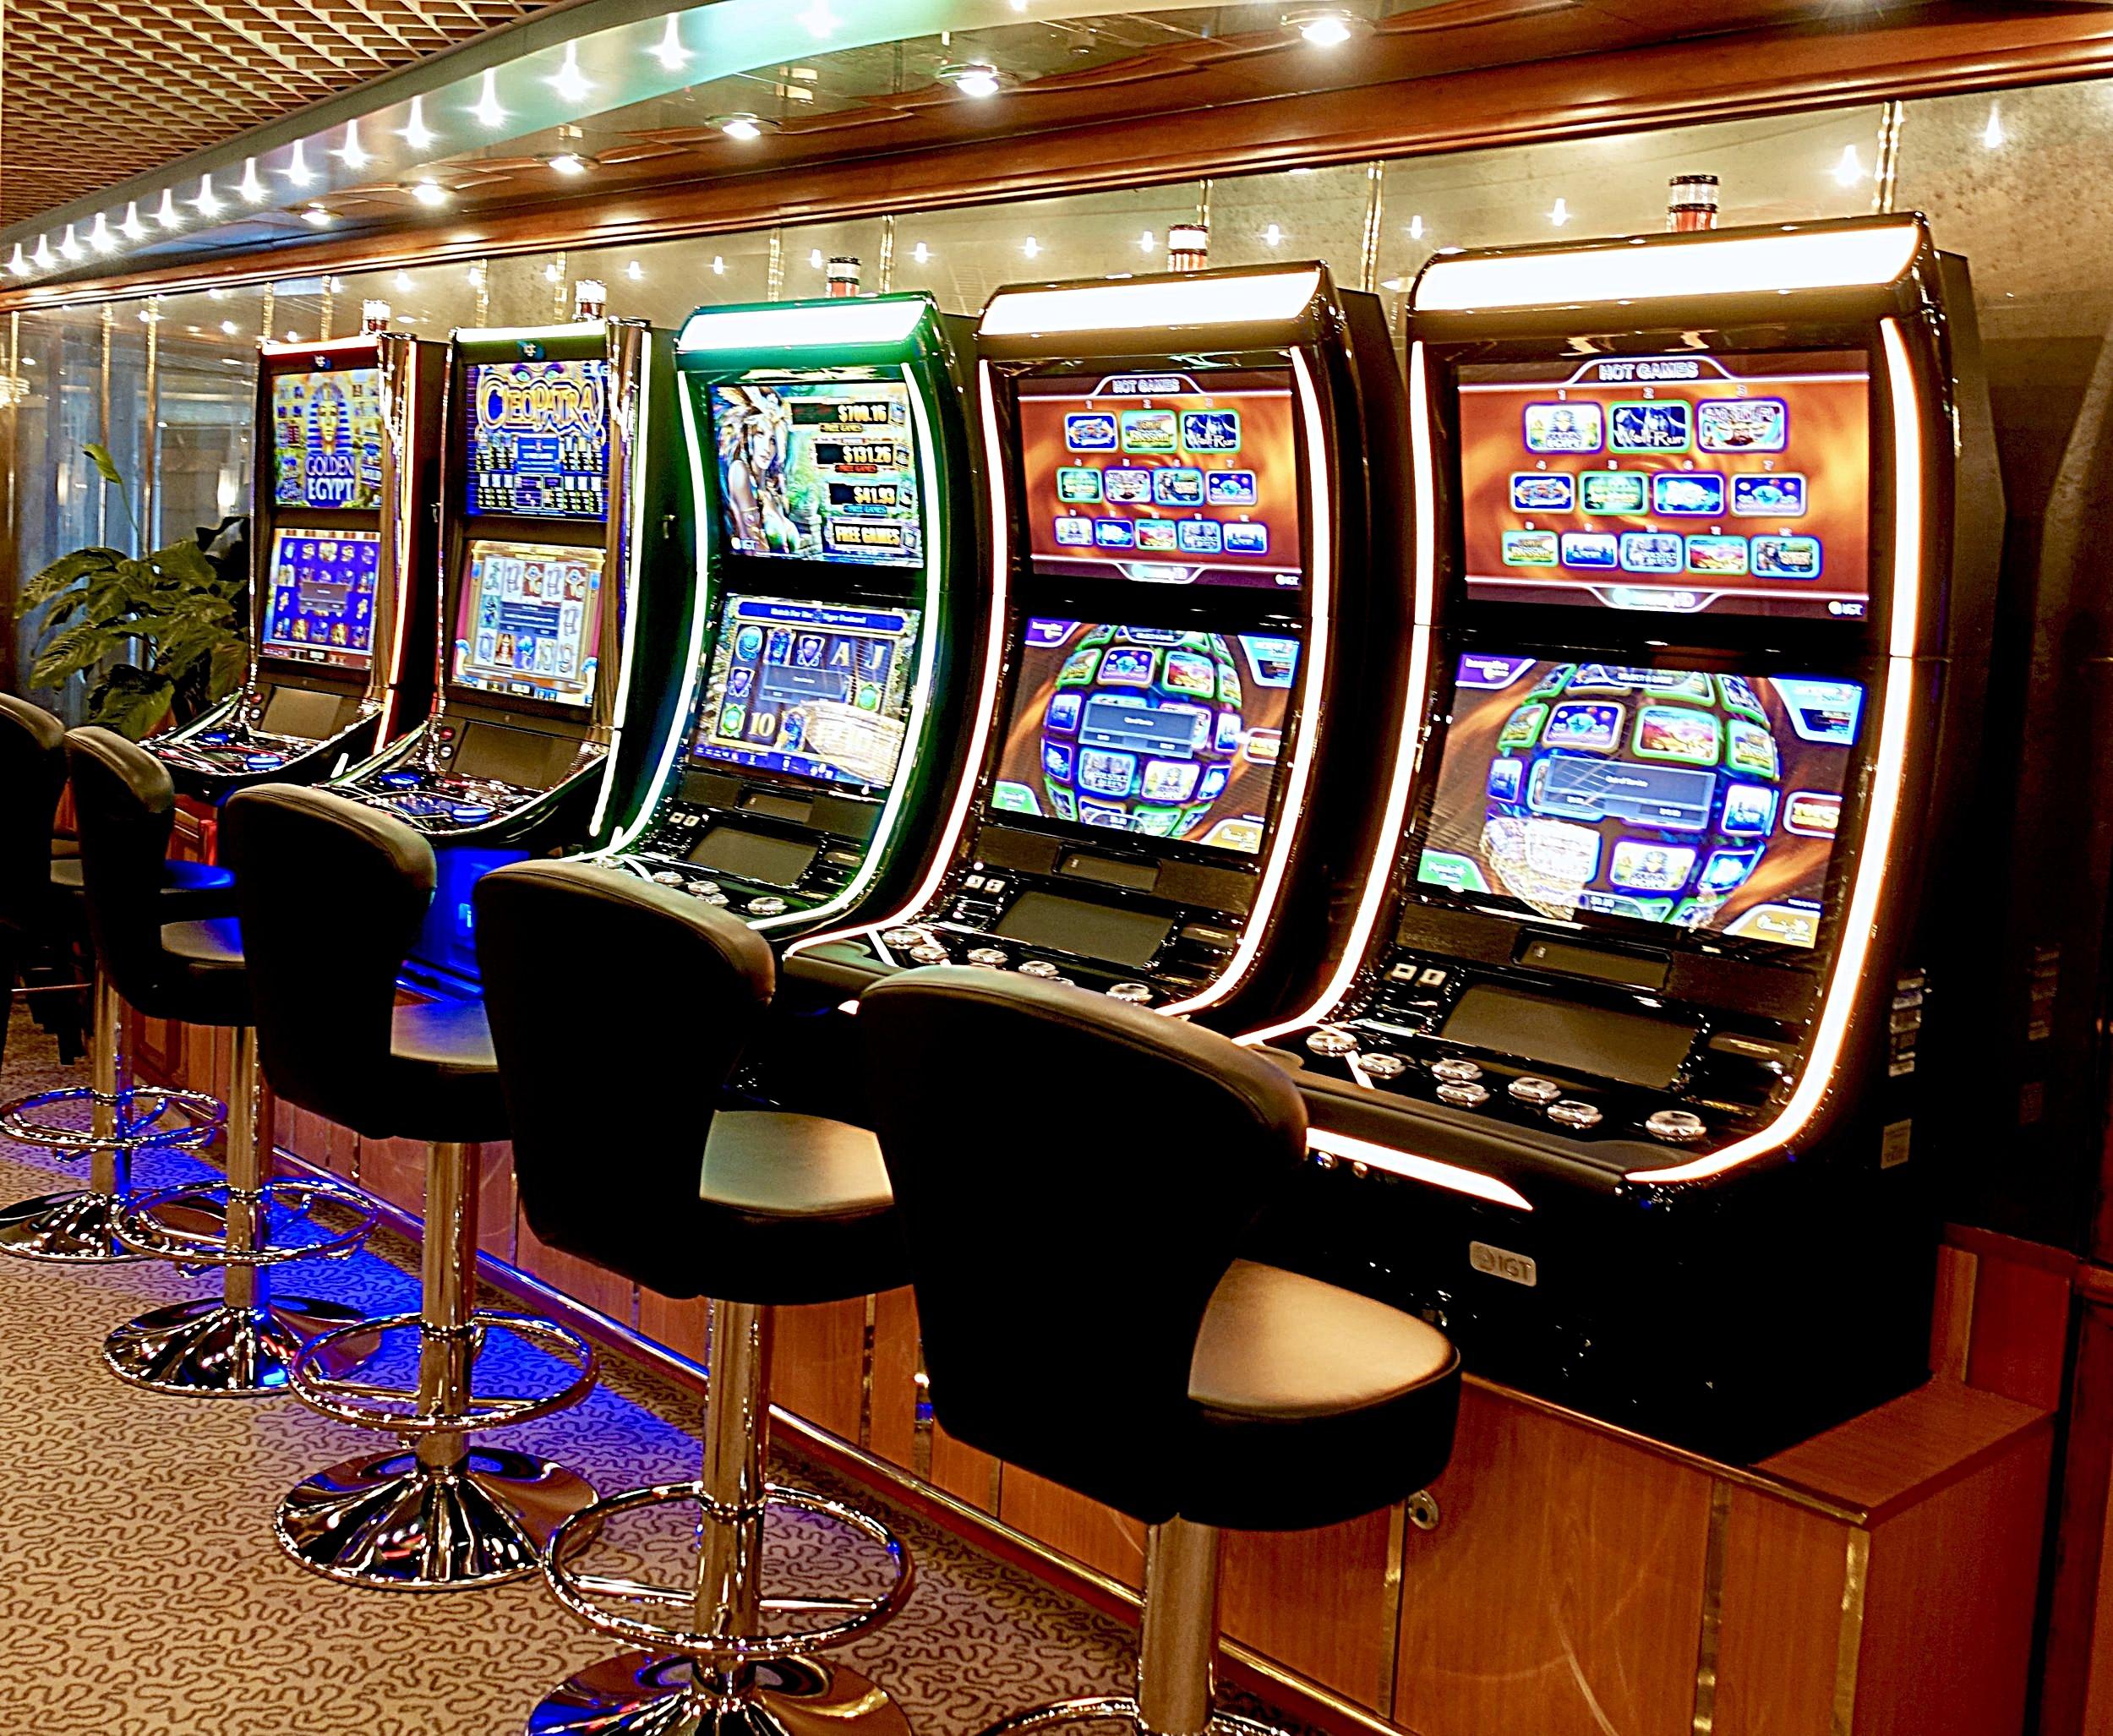 The casino slot machines.